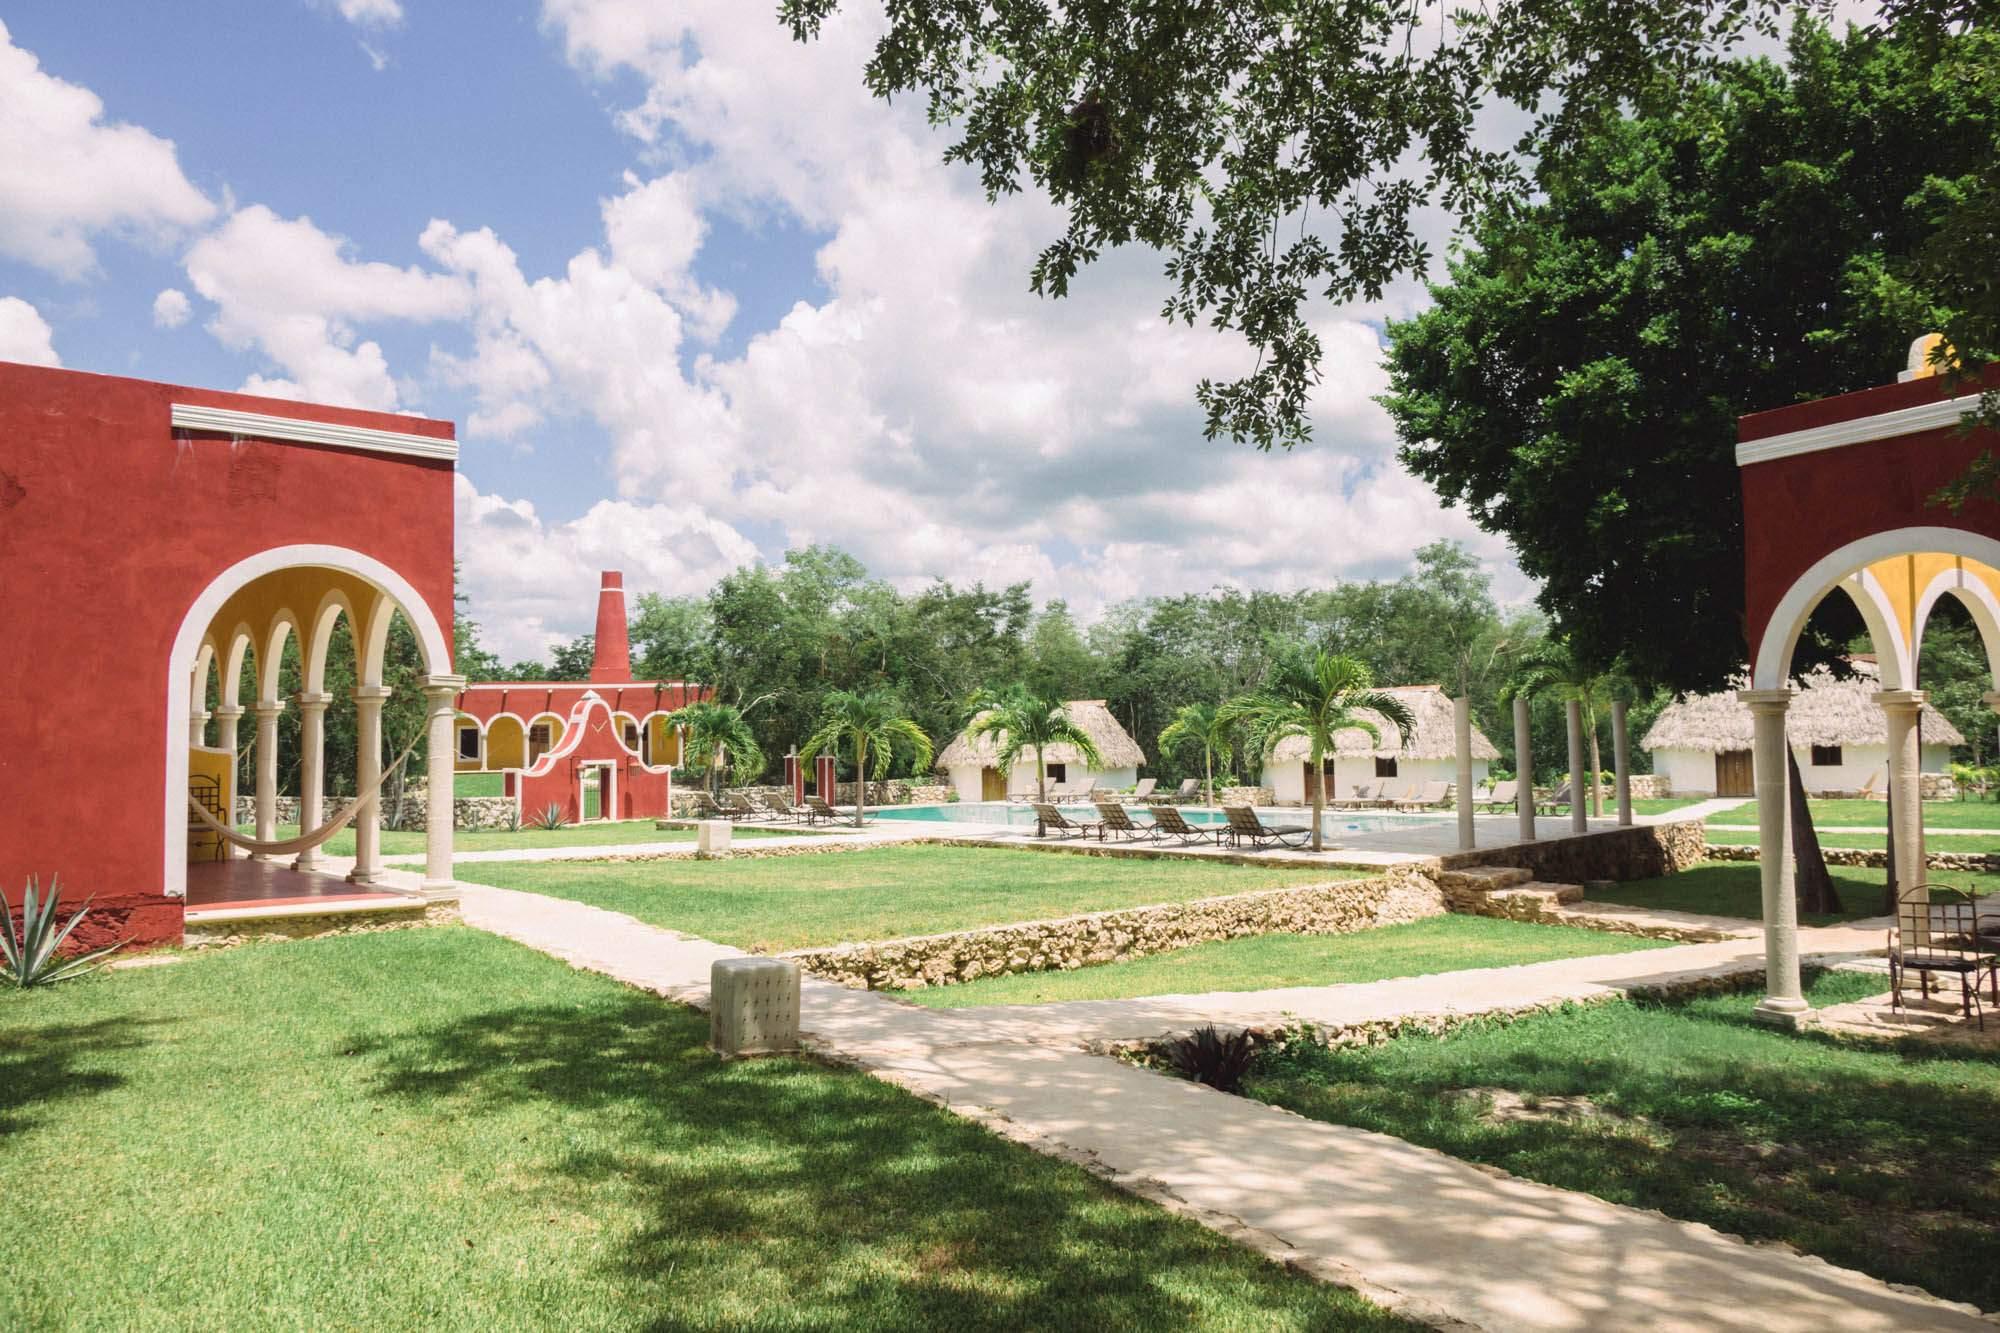 Enfin réhabilitée par le groupe de professionnels français Hotel Hacienda Collection en 2010, l'Hacienda Ticum se différencie des autres haciendas de la région par son ambiance chaleureuse, son confort moderne, sa dimension internationale ainsi que par son style contemporain aux inspirations coloniales. Luxe, espace et culture sont les mots d'ordre de l'Hacienda Ticum, véritable joyau brute du Yucatán.  hotelhaciendamerida.com